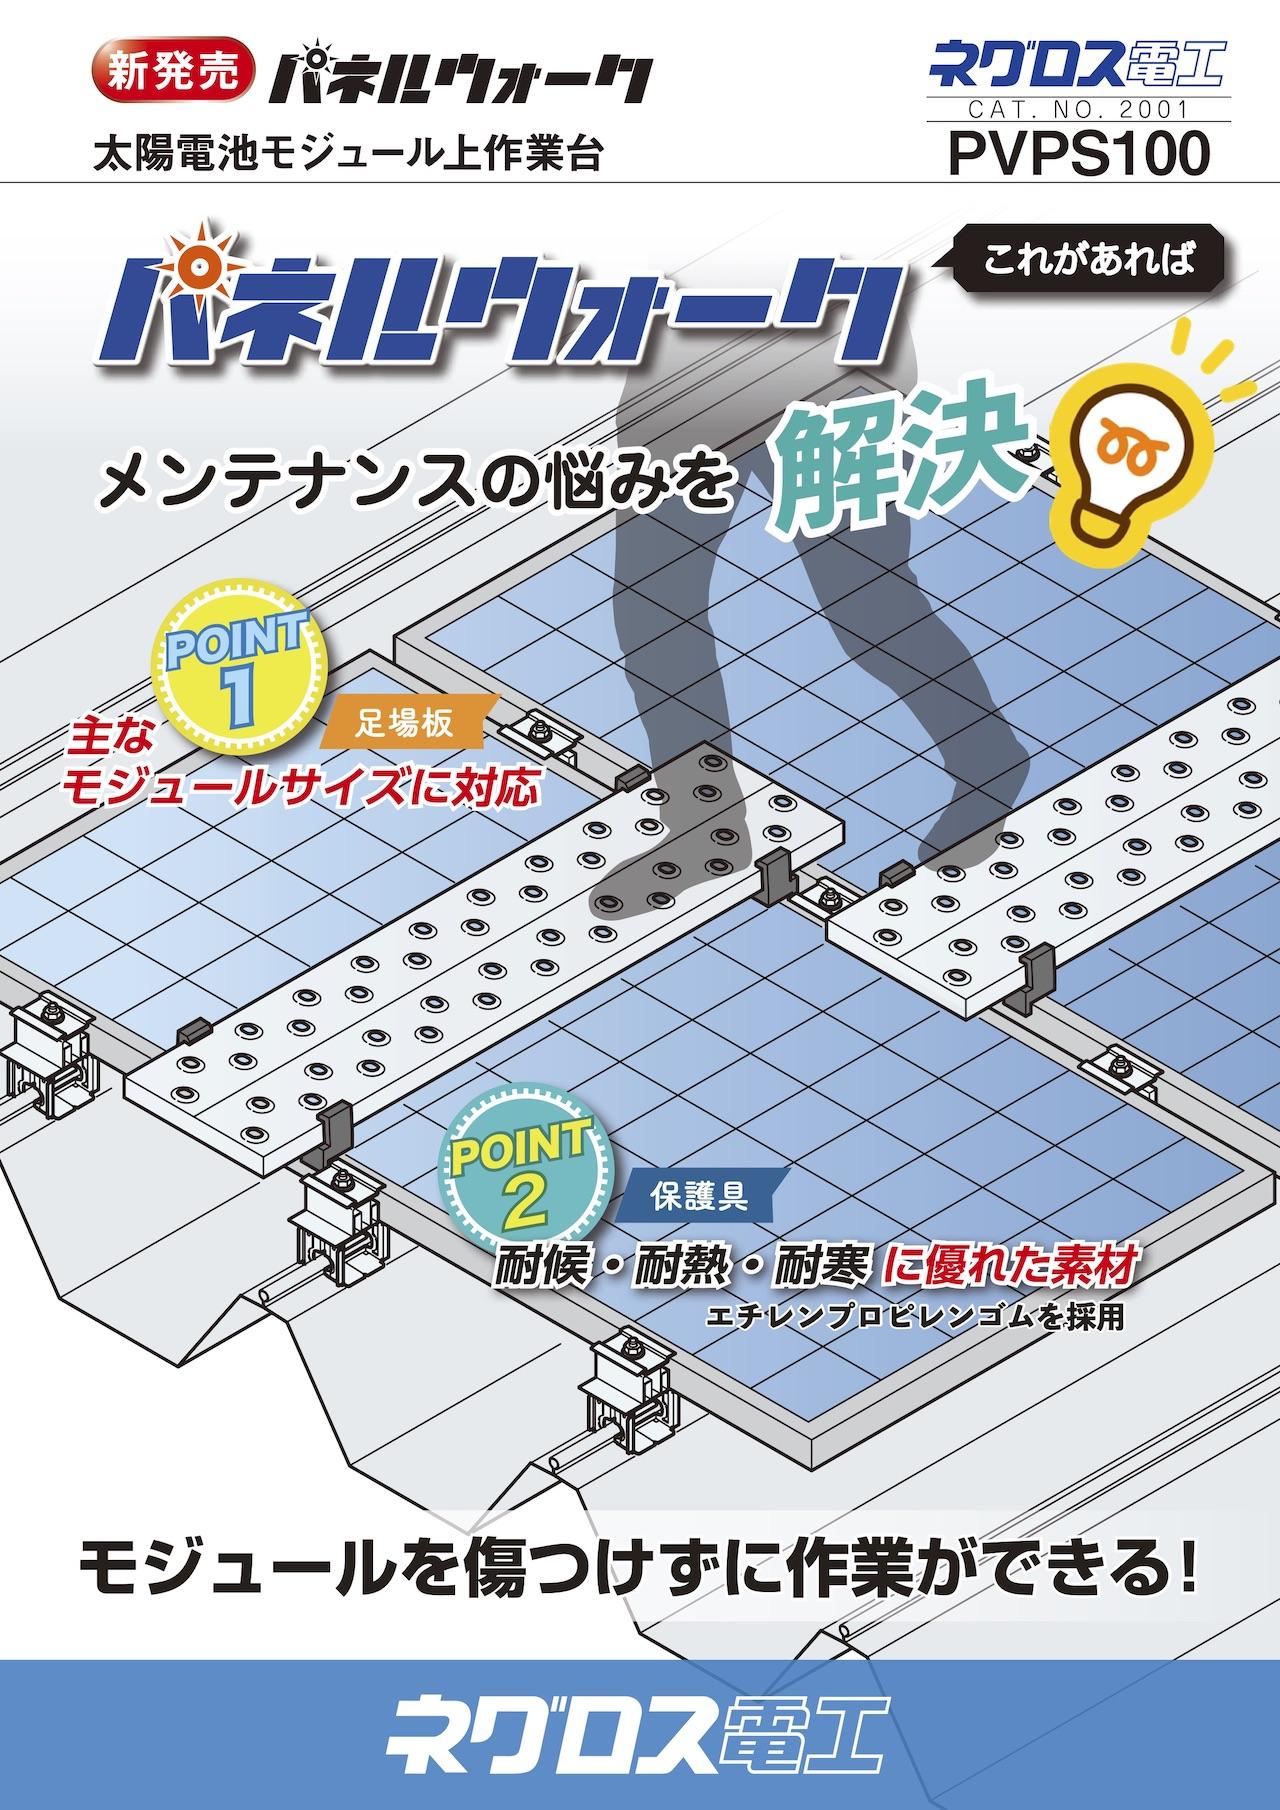 【ネグロス電工】メンテナンスの悩みを解決!太陽電池モジュール上作業台『パネルウォーク』の画像